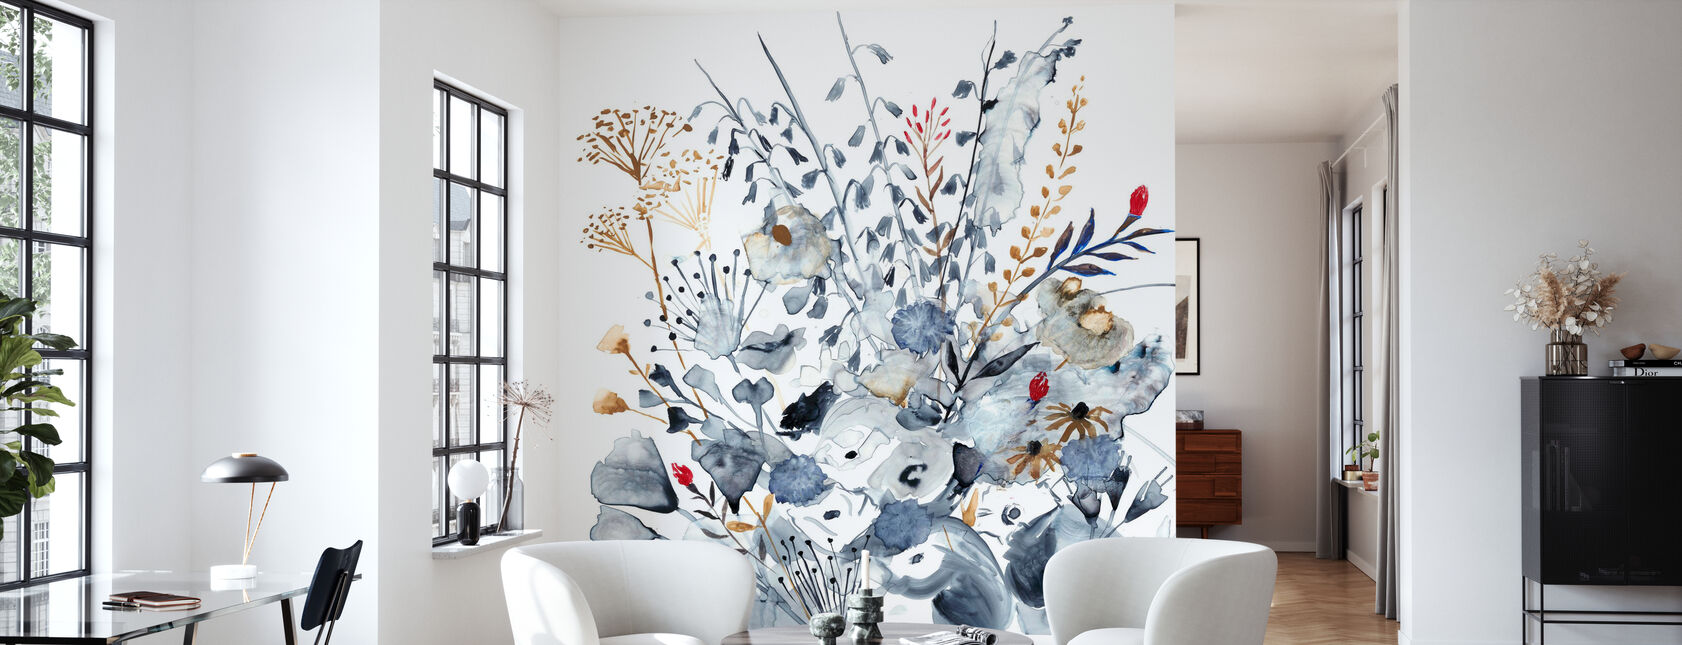 Indigo Ochre - Wallpaper - Living Room